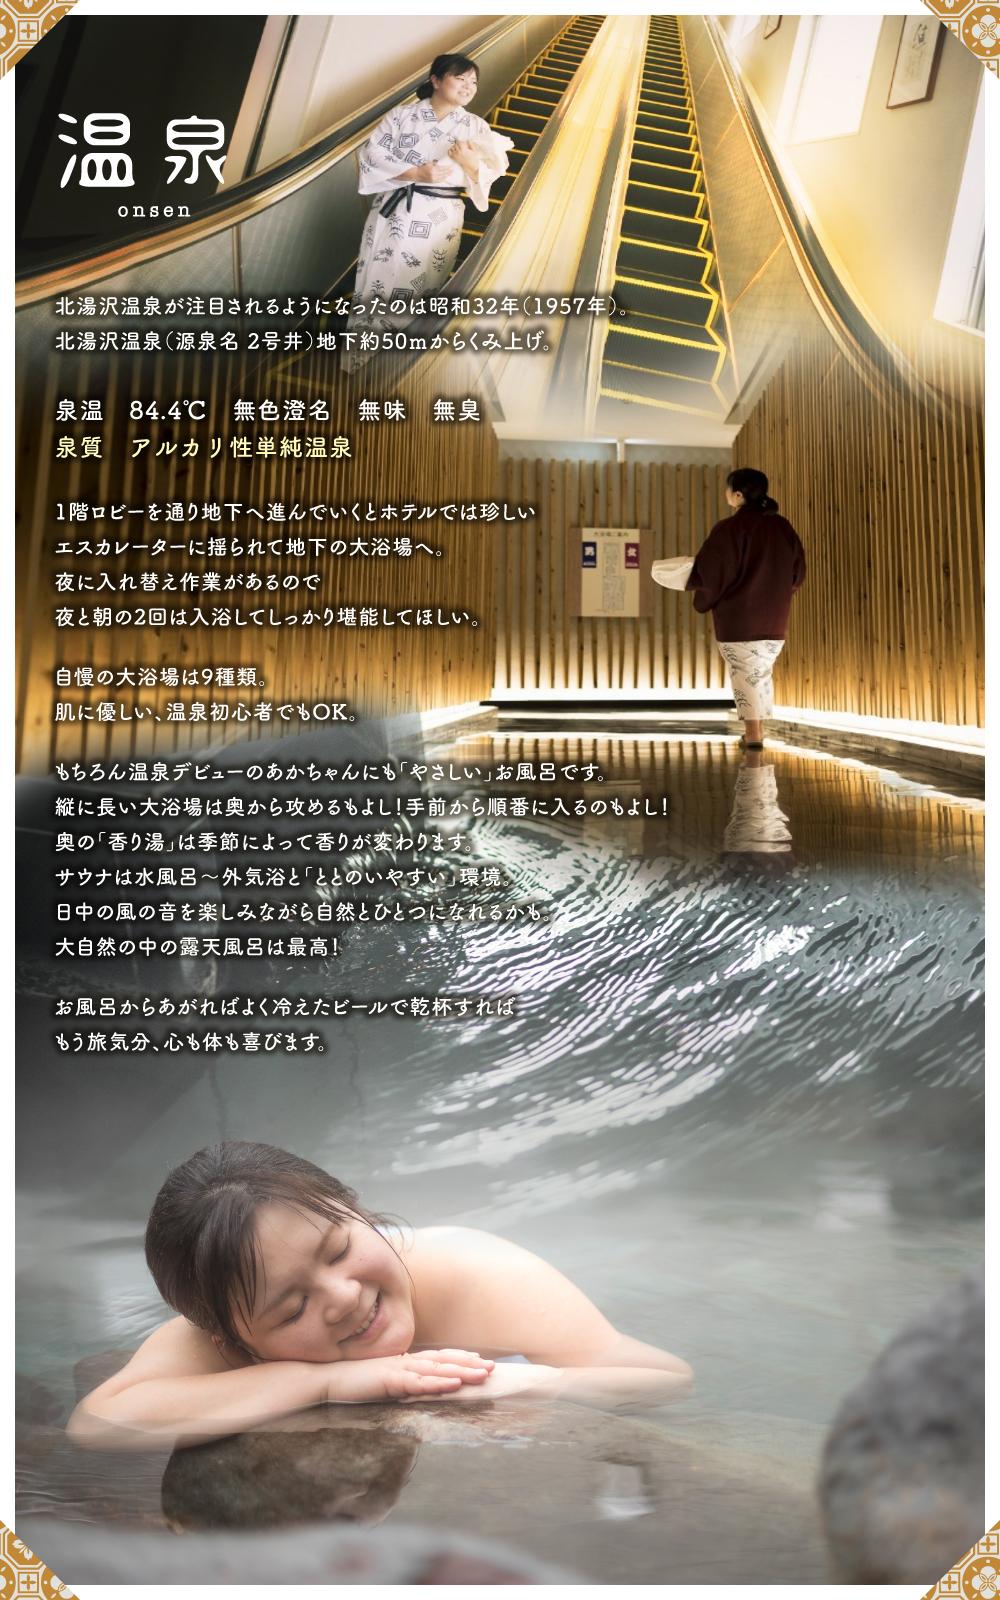 北湯沢温泉が注目されるようになったのは昭和32年(1957年)